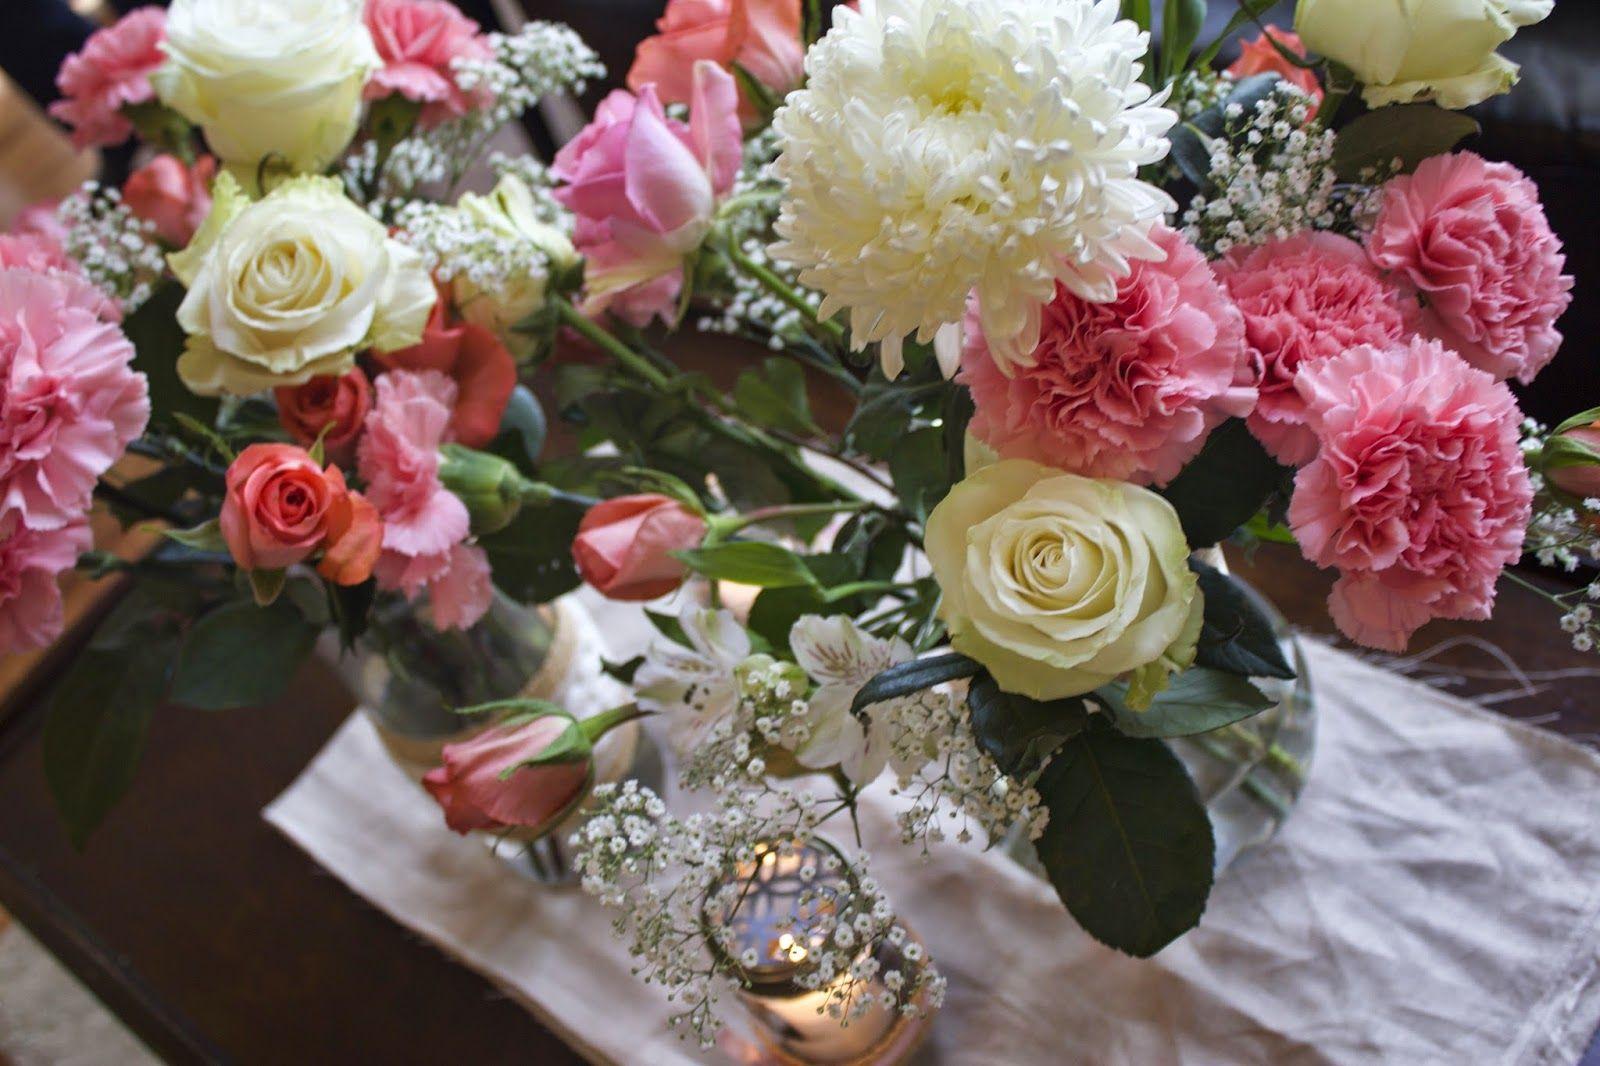 Anna Elizabeth Made Wedding Flowers Diy Wedding Flowers Costco Wedding Flowers Buying Wedding Flowers